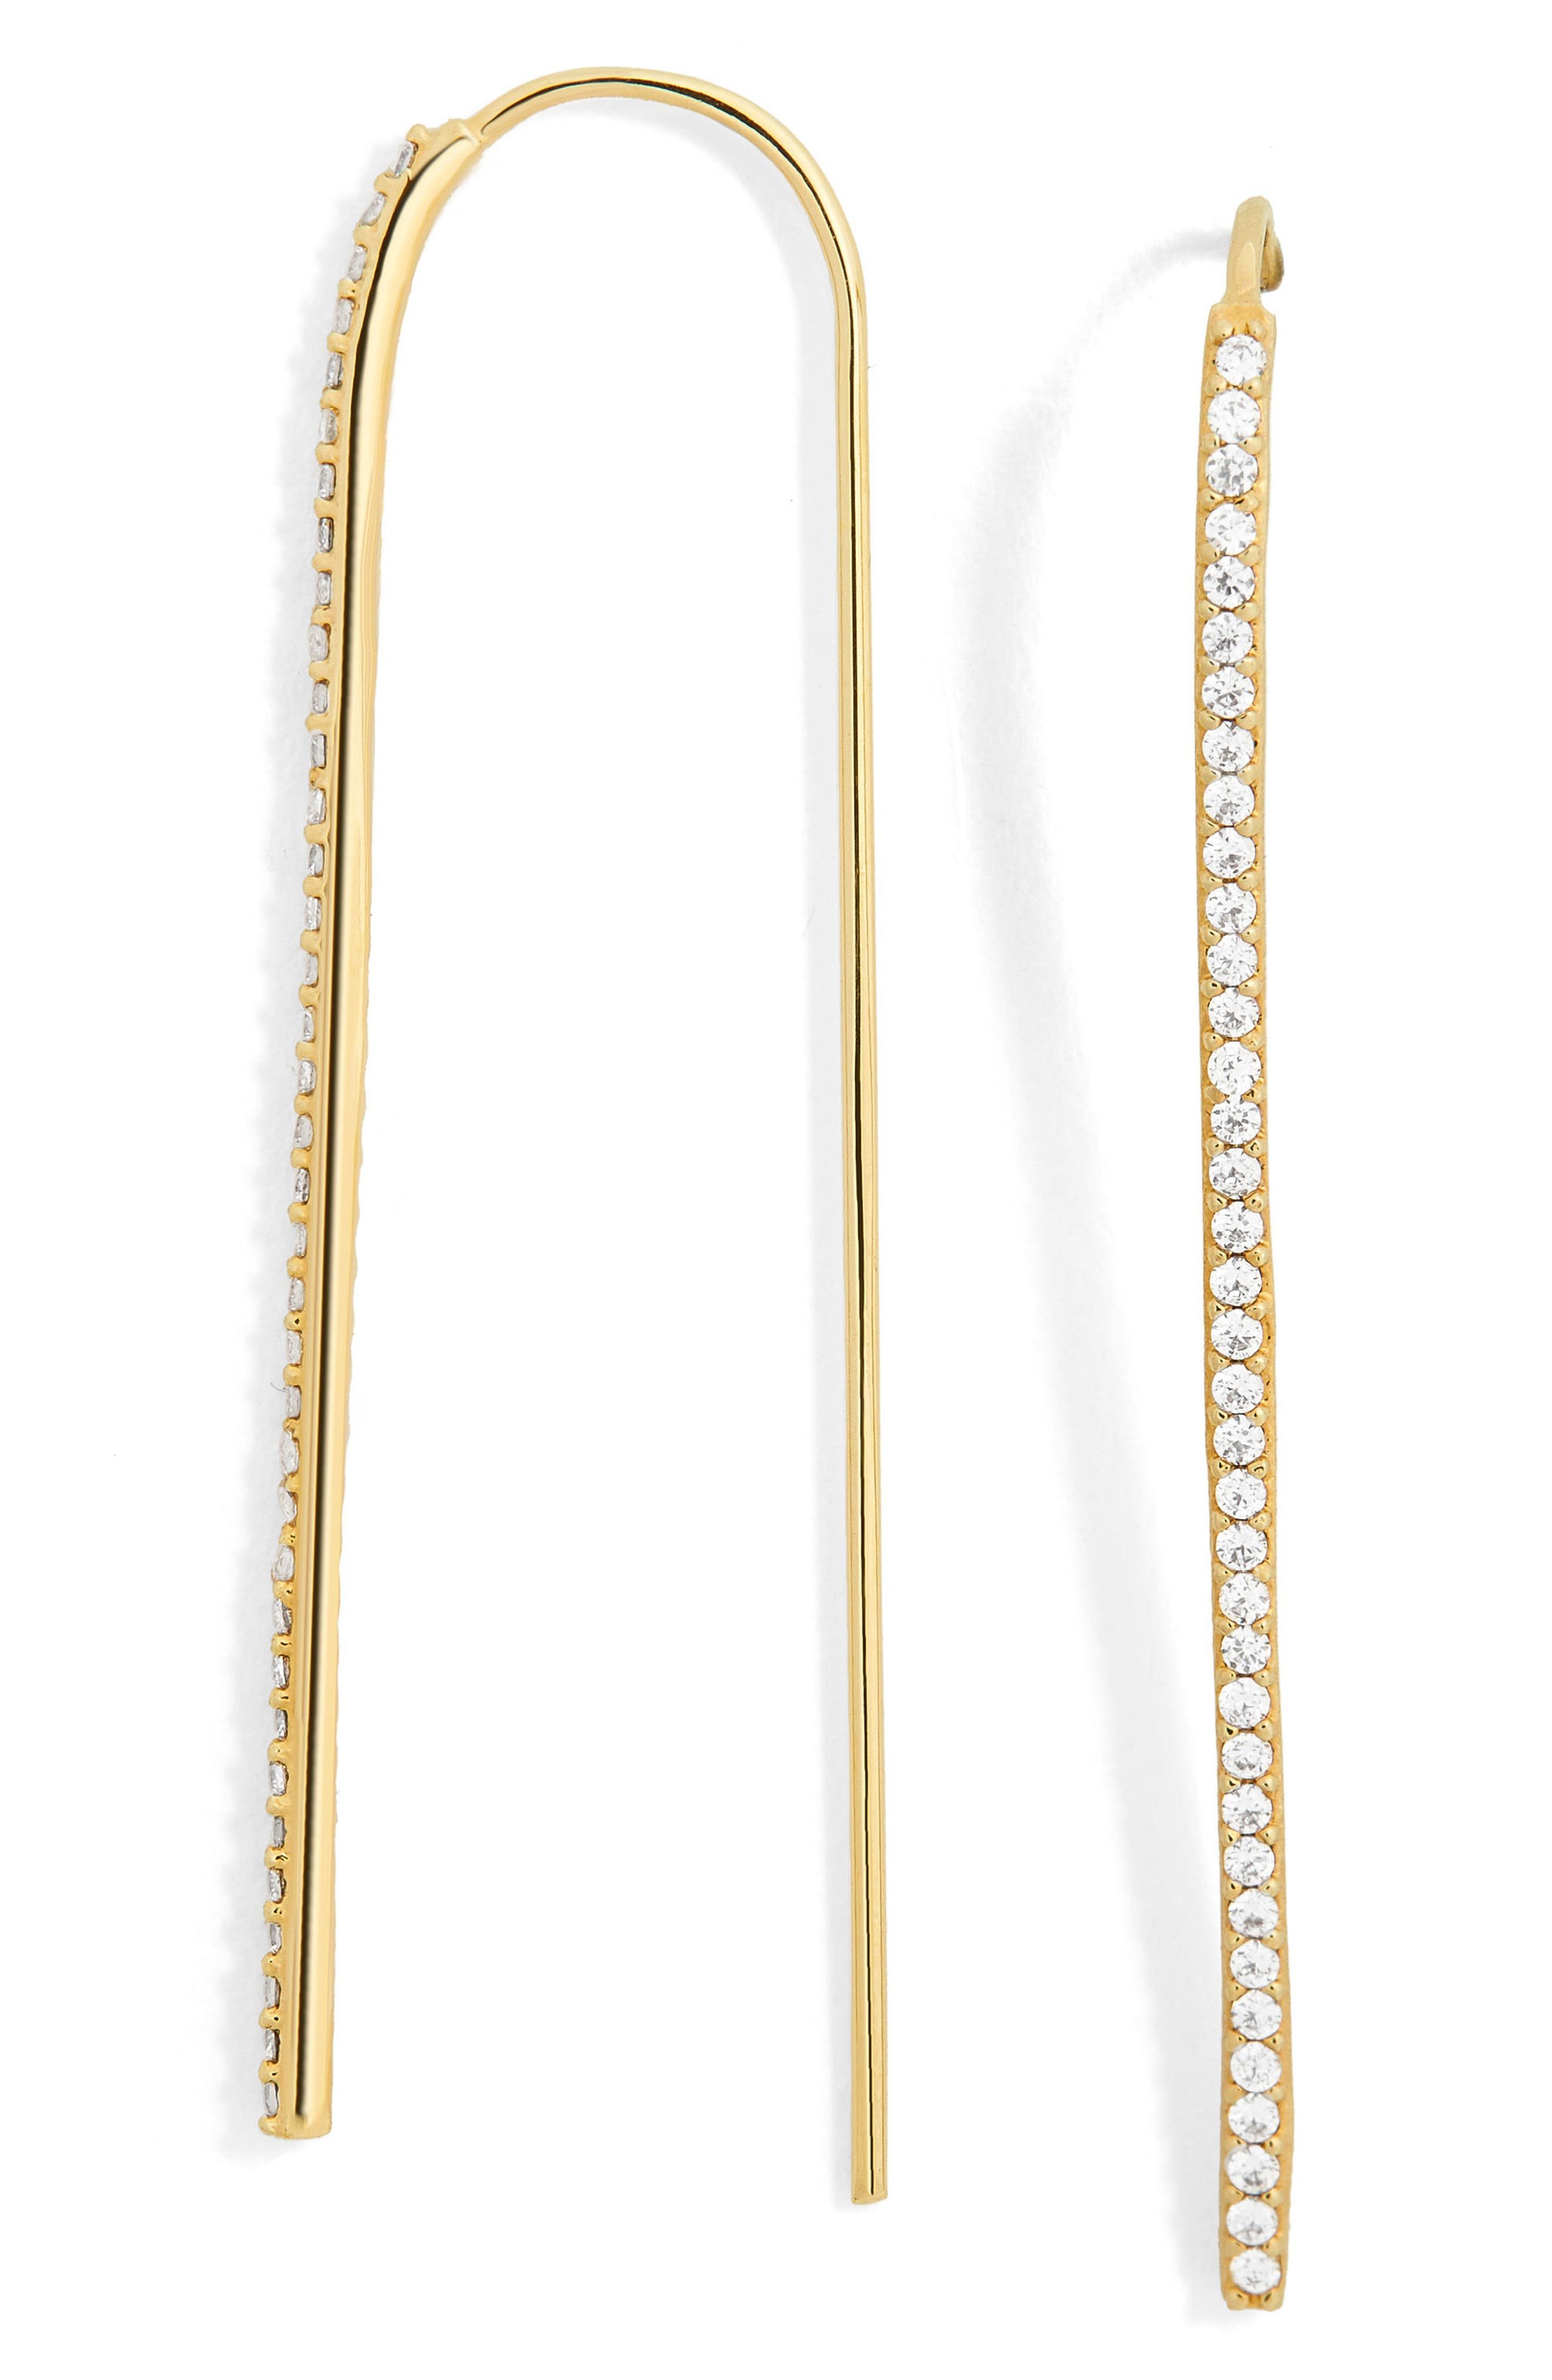 Main Image - BaubleBar Sirena Pavé Threader Earrings